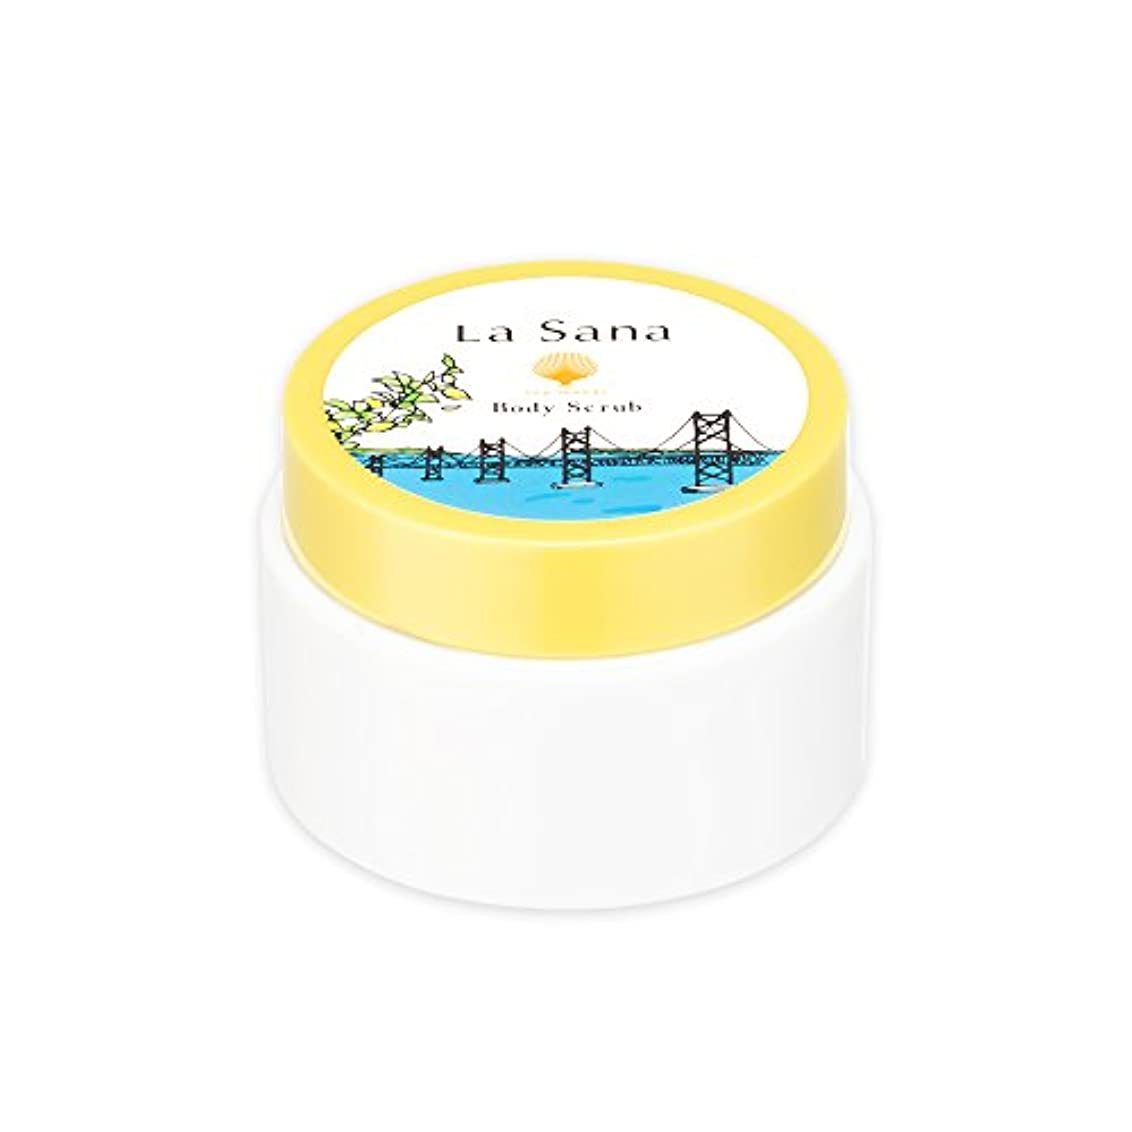 リスキーな解決世代ラサーナ La sana 海藻 ボディ スクラブ 100g 限定 瀬戸内レモンの香り ボディケア 日本製 (約1ヵ月分)